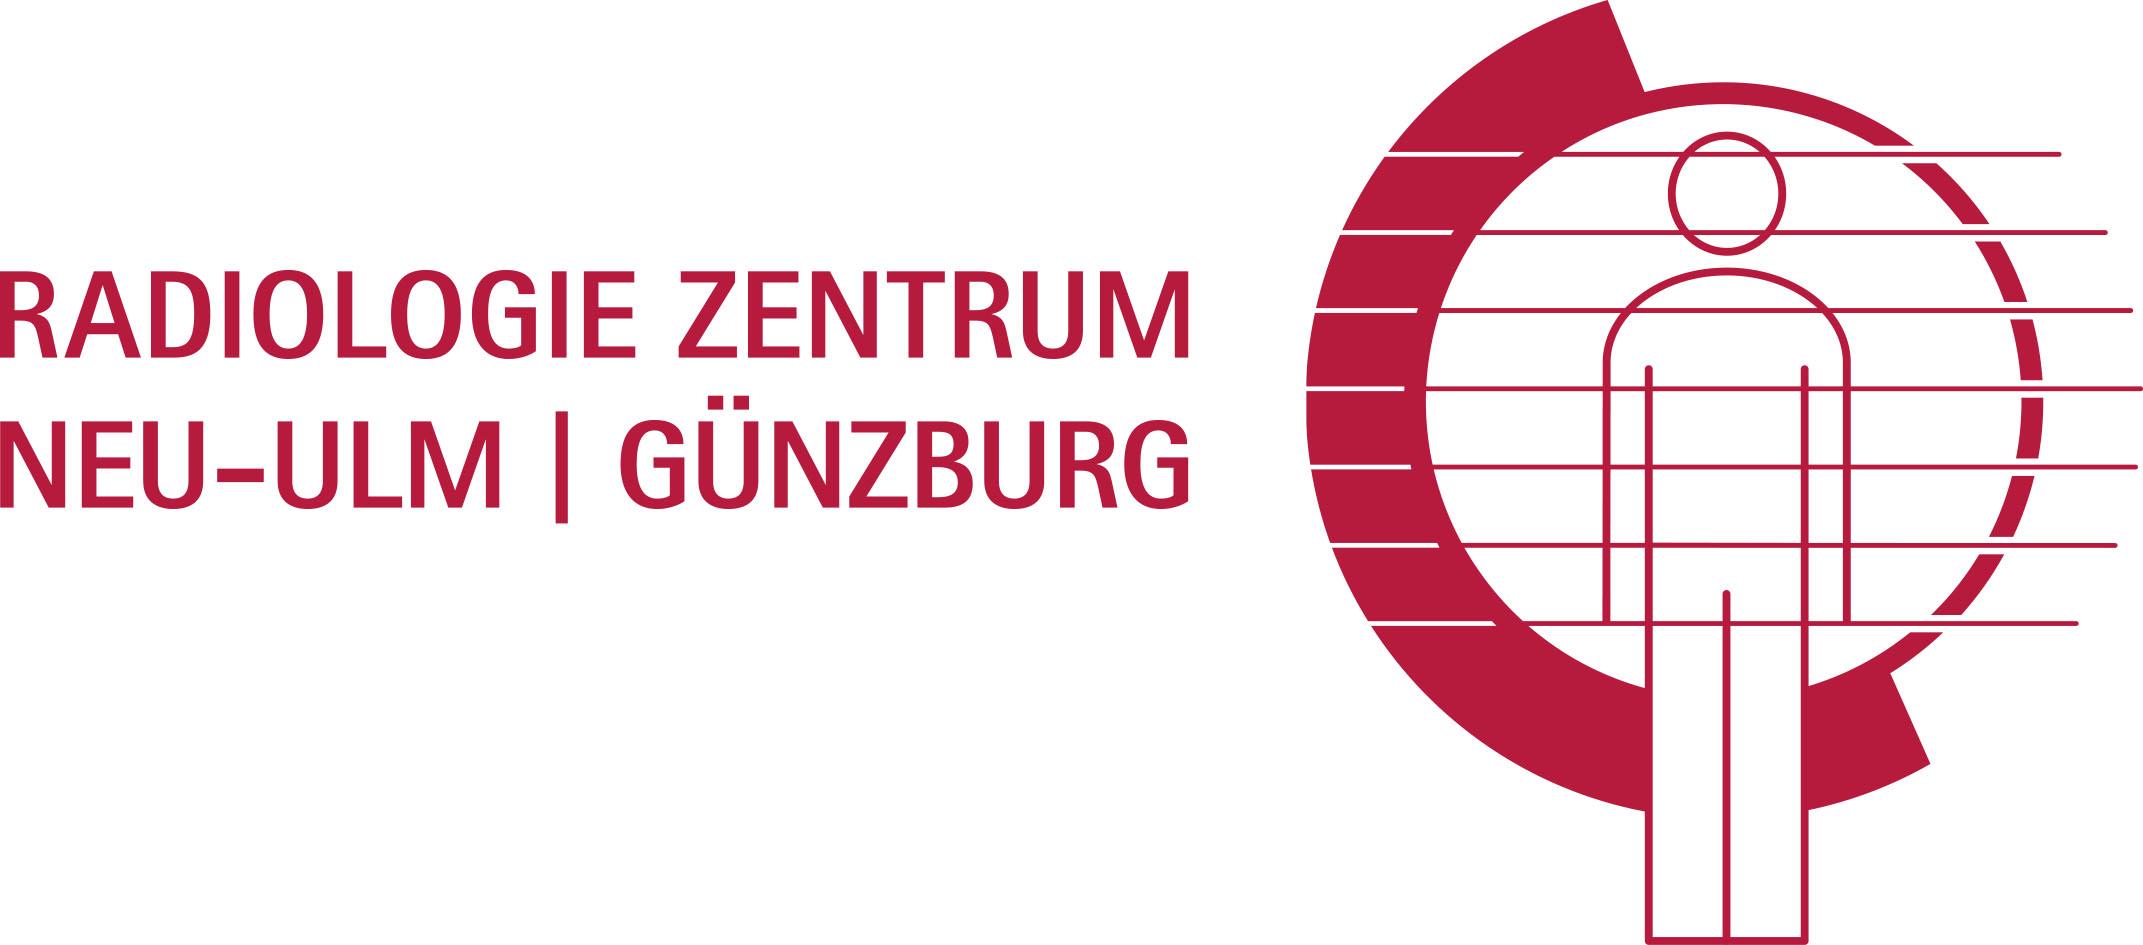 Radiologiezentrum Neu-Ulm Günzburg